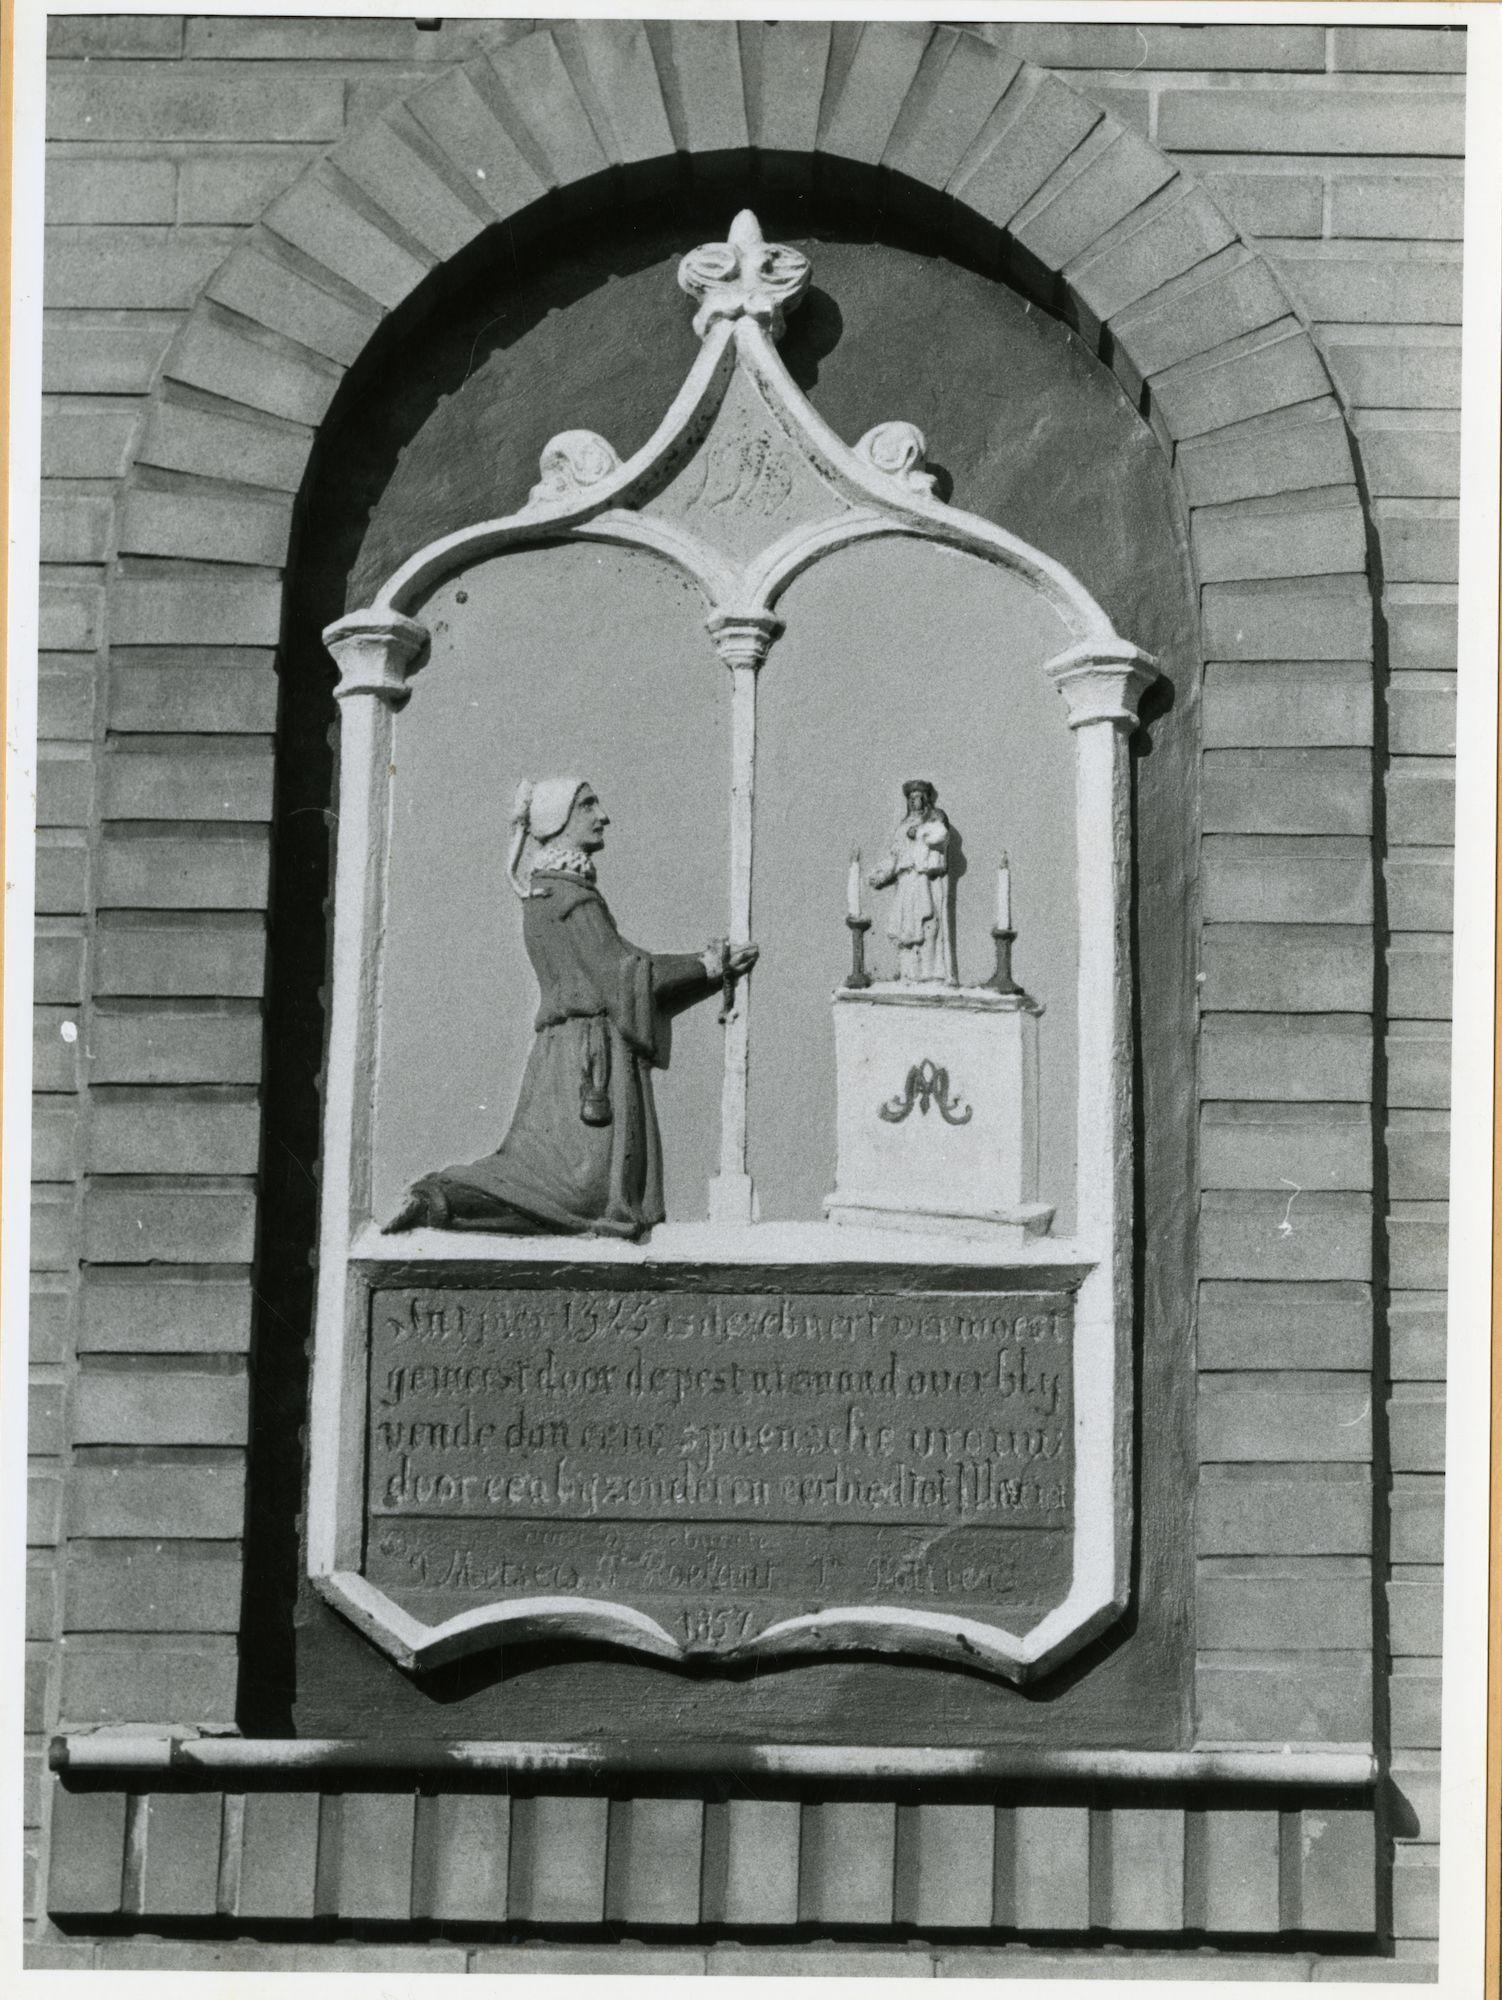 Gent: Brandstraat 26: gedenkplaat: pest 1325